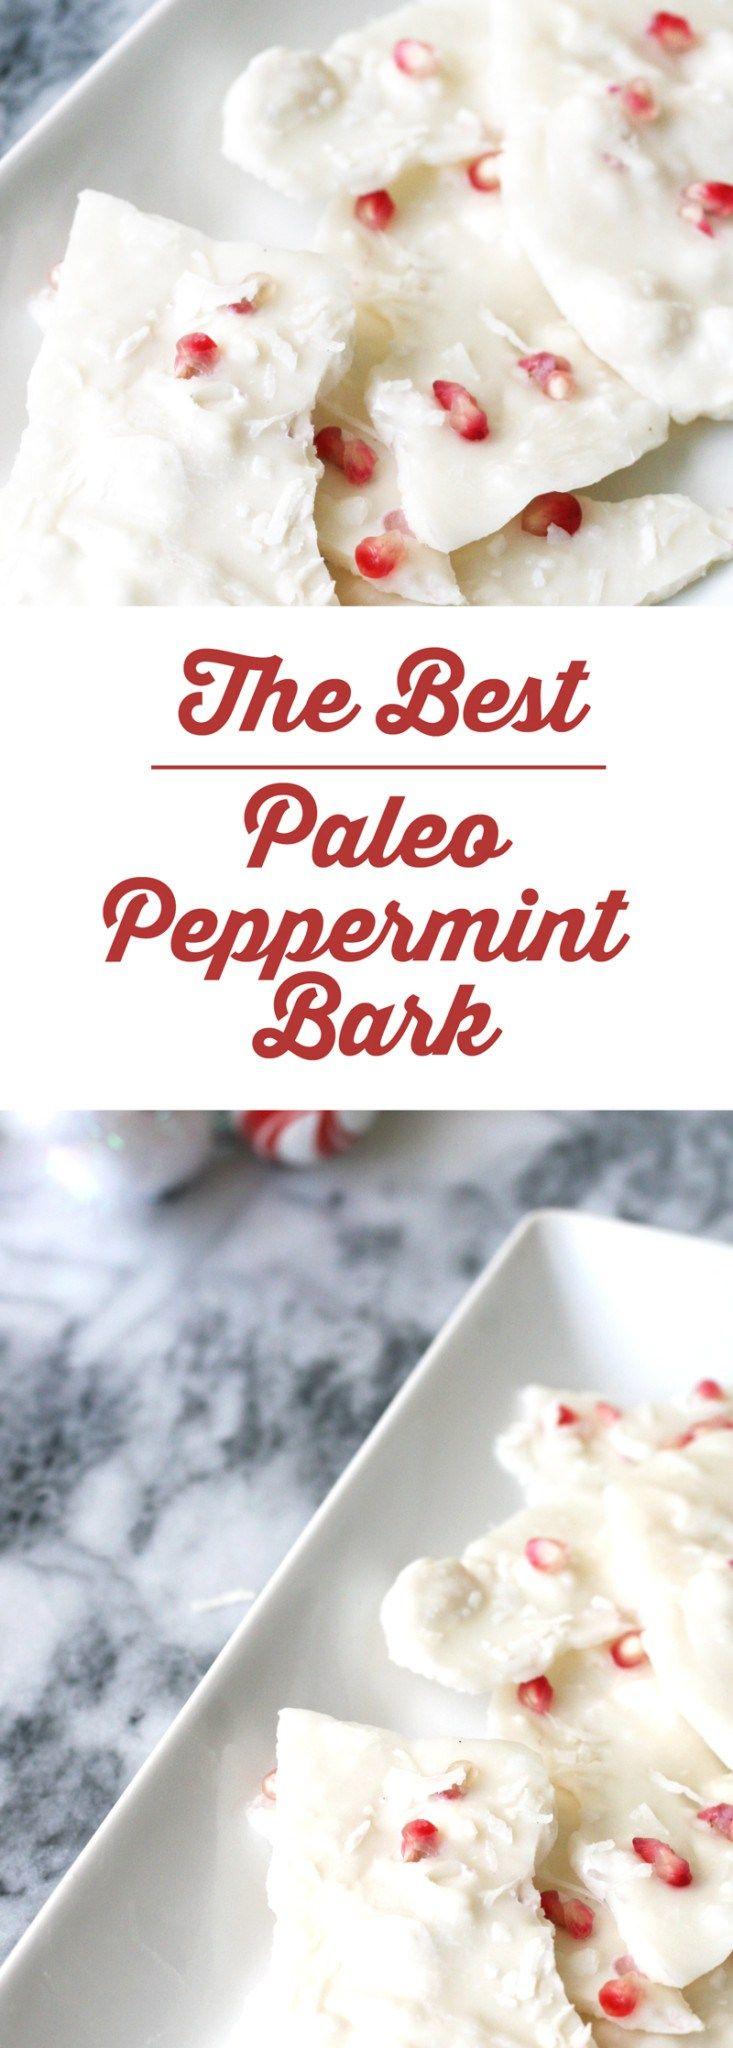 Paleo Peppermint Bark #AIP #DairyFree | Unbound Wellness